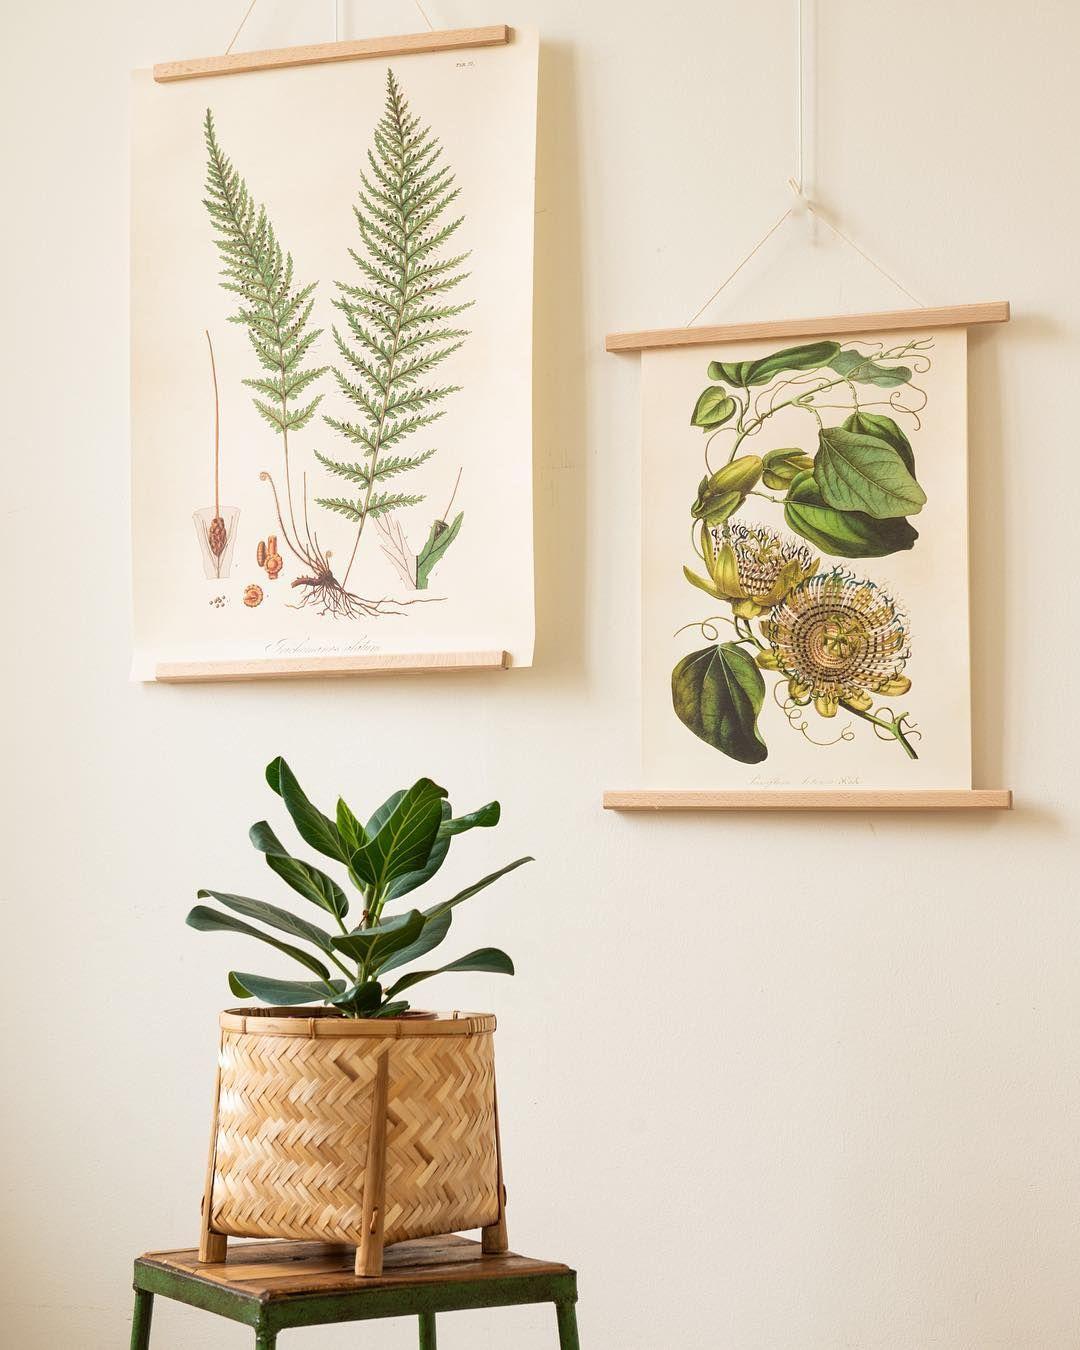 Met Deze Poster Met Botanische Print Fleur Je Je Huis Meteen Helemaal Op Leuk Als Wanddecoratie Voor Op Een Kinderkamer Je Eigen Painting Planter Pots Visual